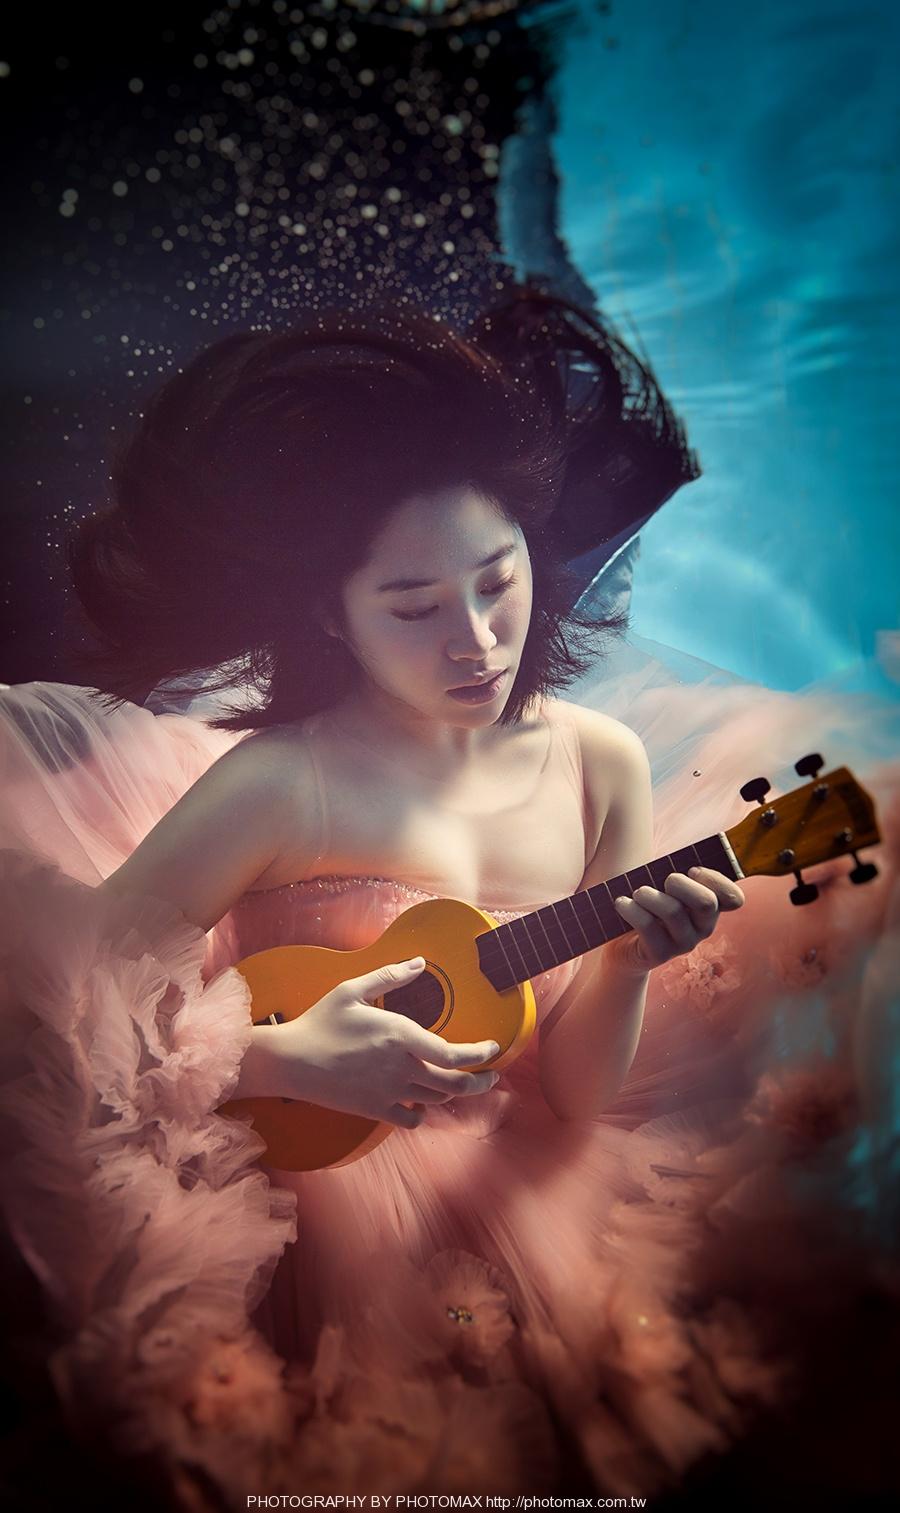 水下婚纱摄影 老麦摄影 创意婚纱摄影 (3)